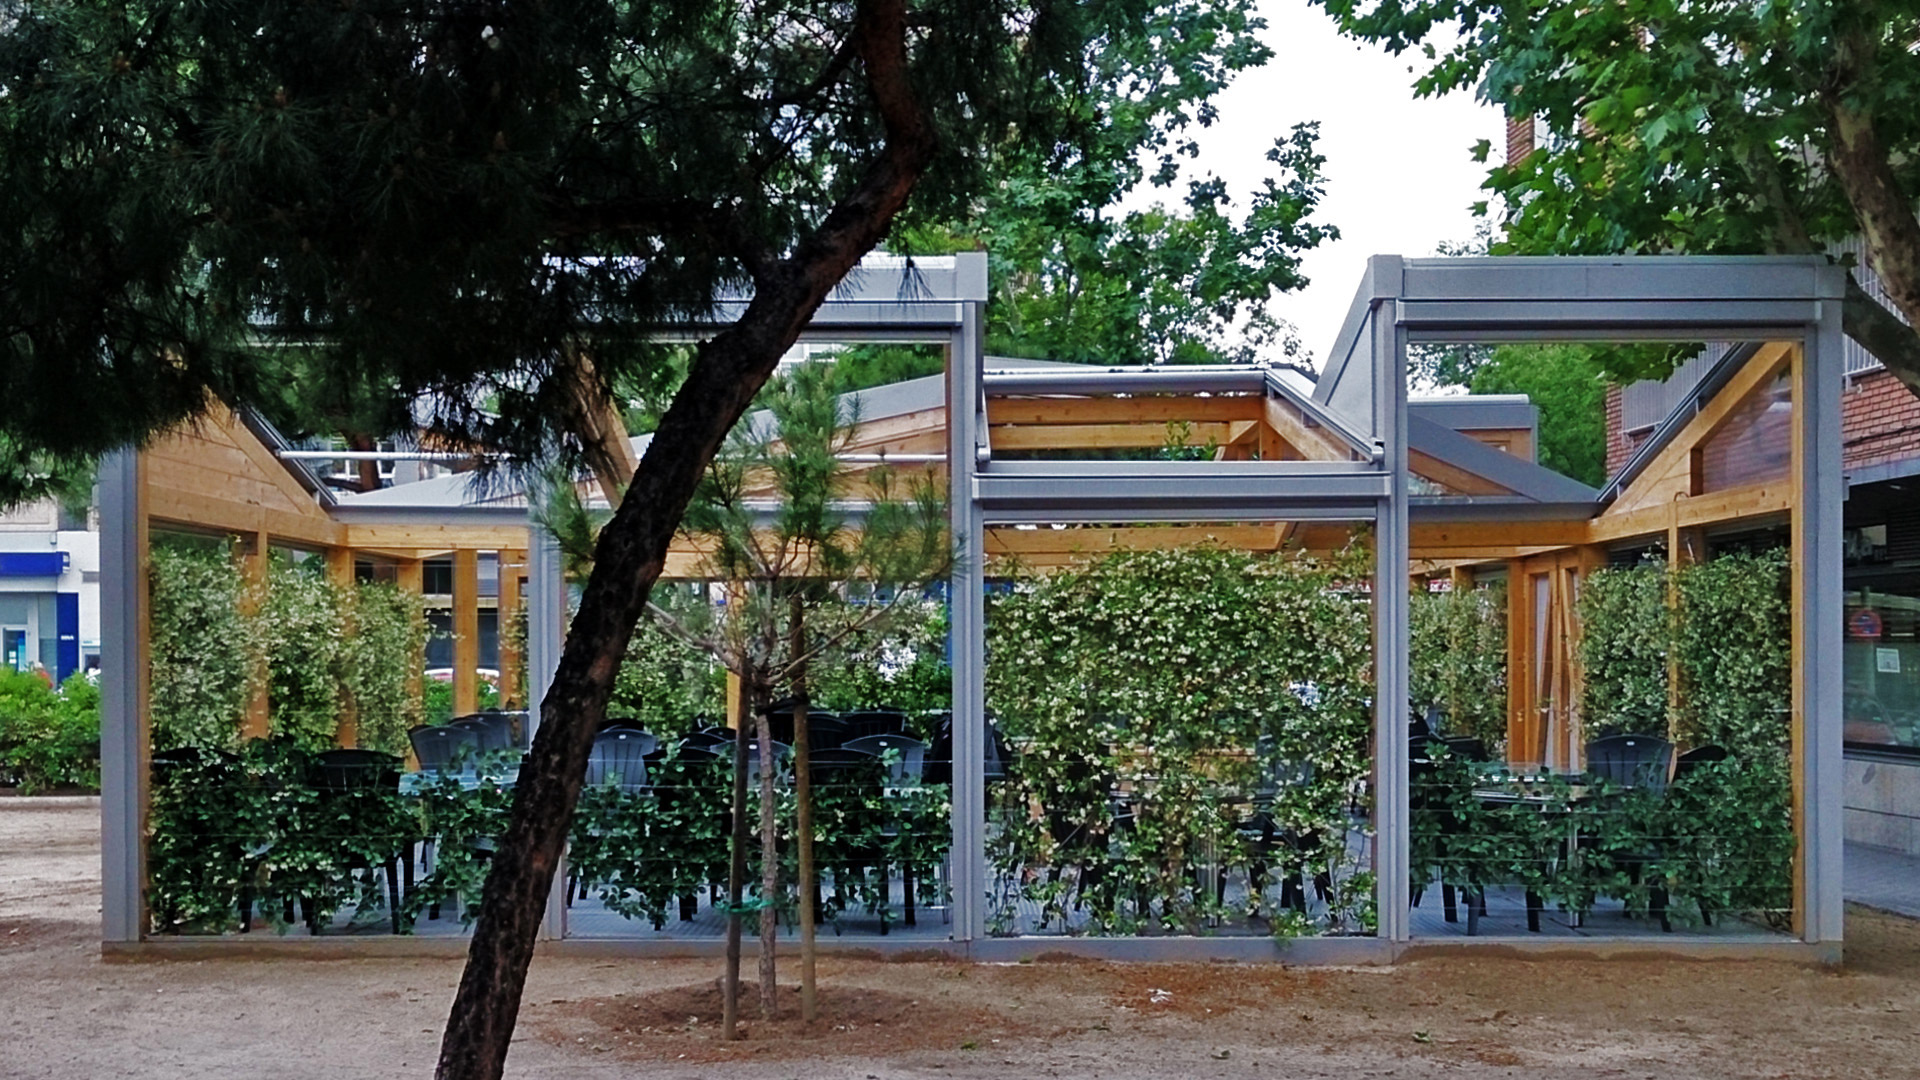 tz1 Arquitecturainvisible